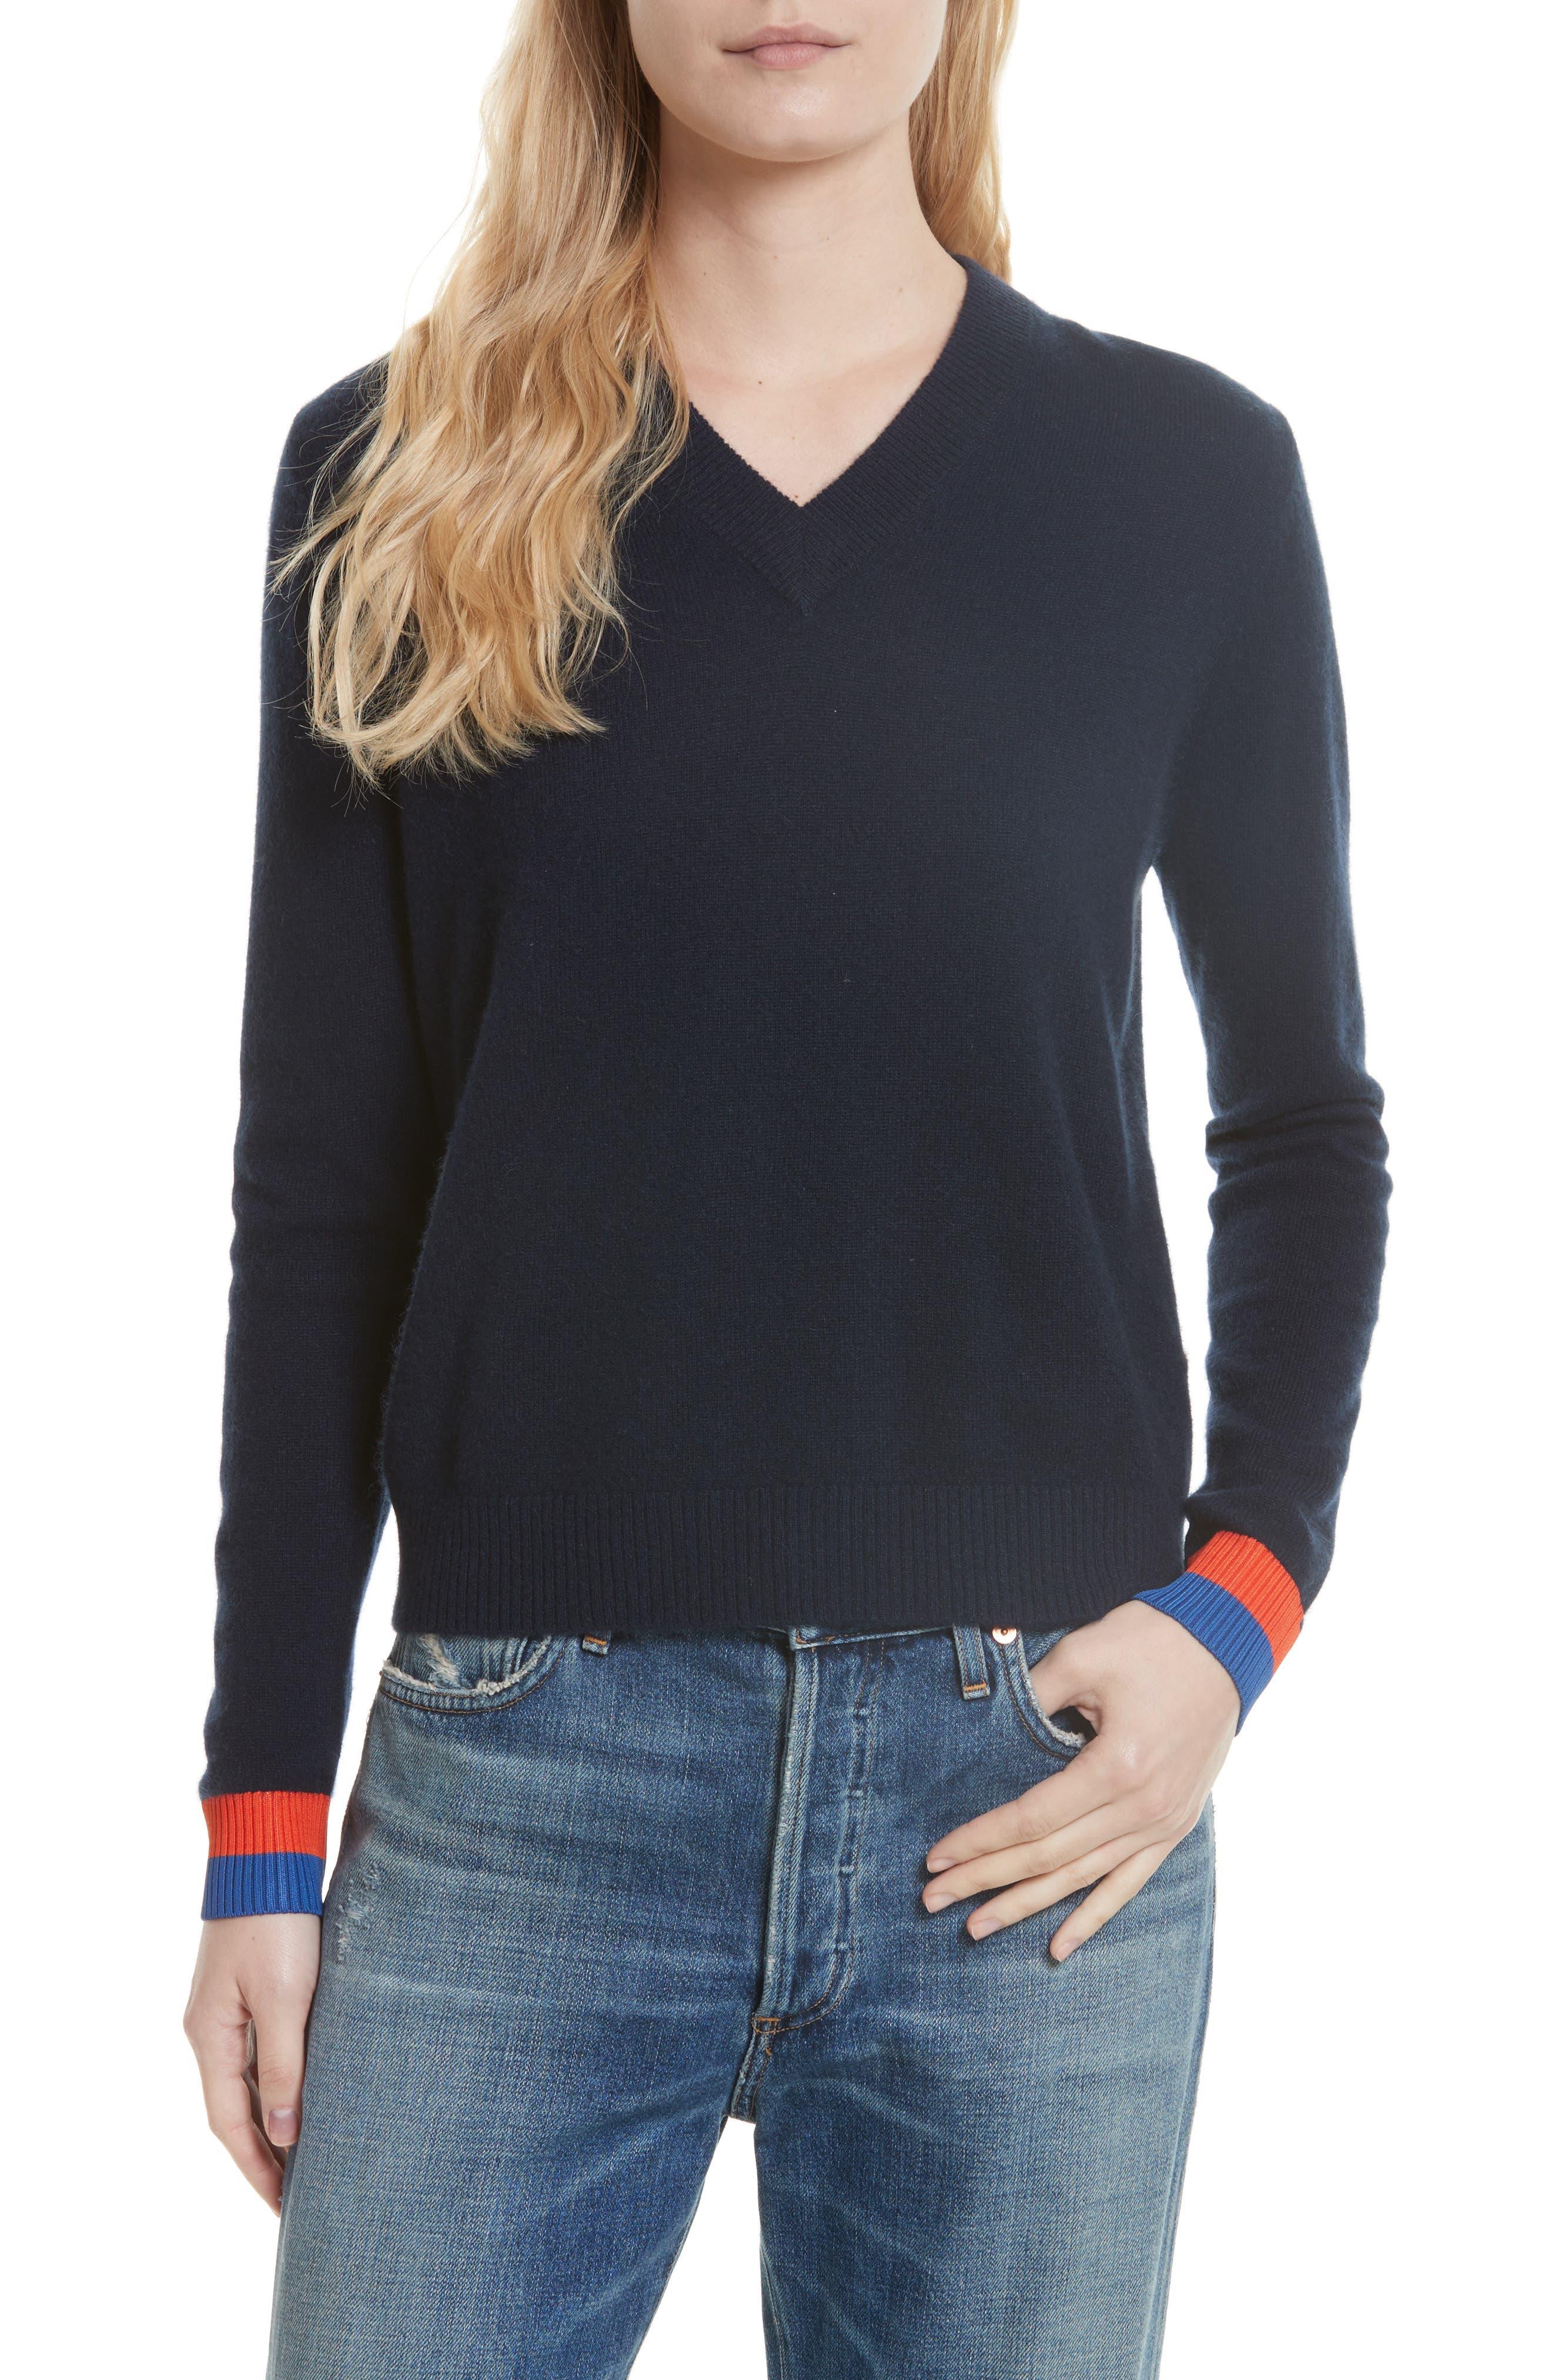 KULE Cashmere Sweater